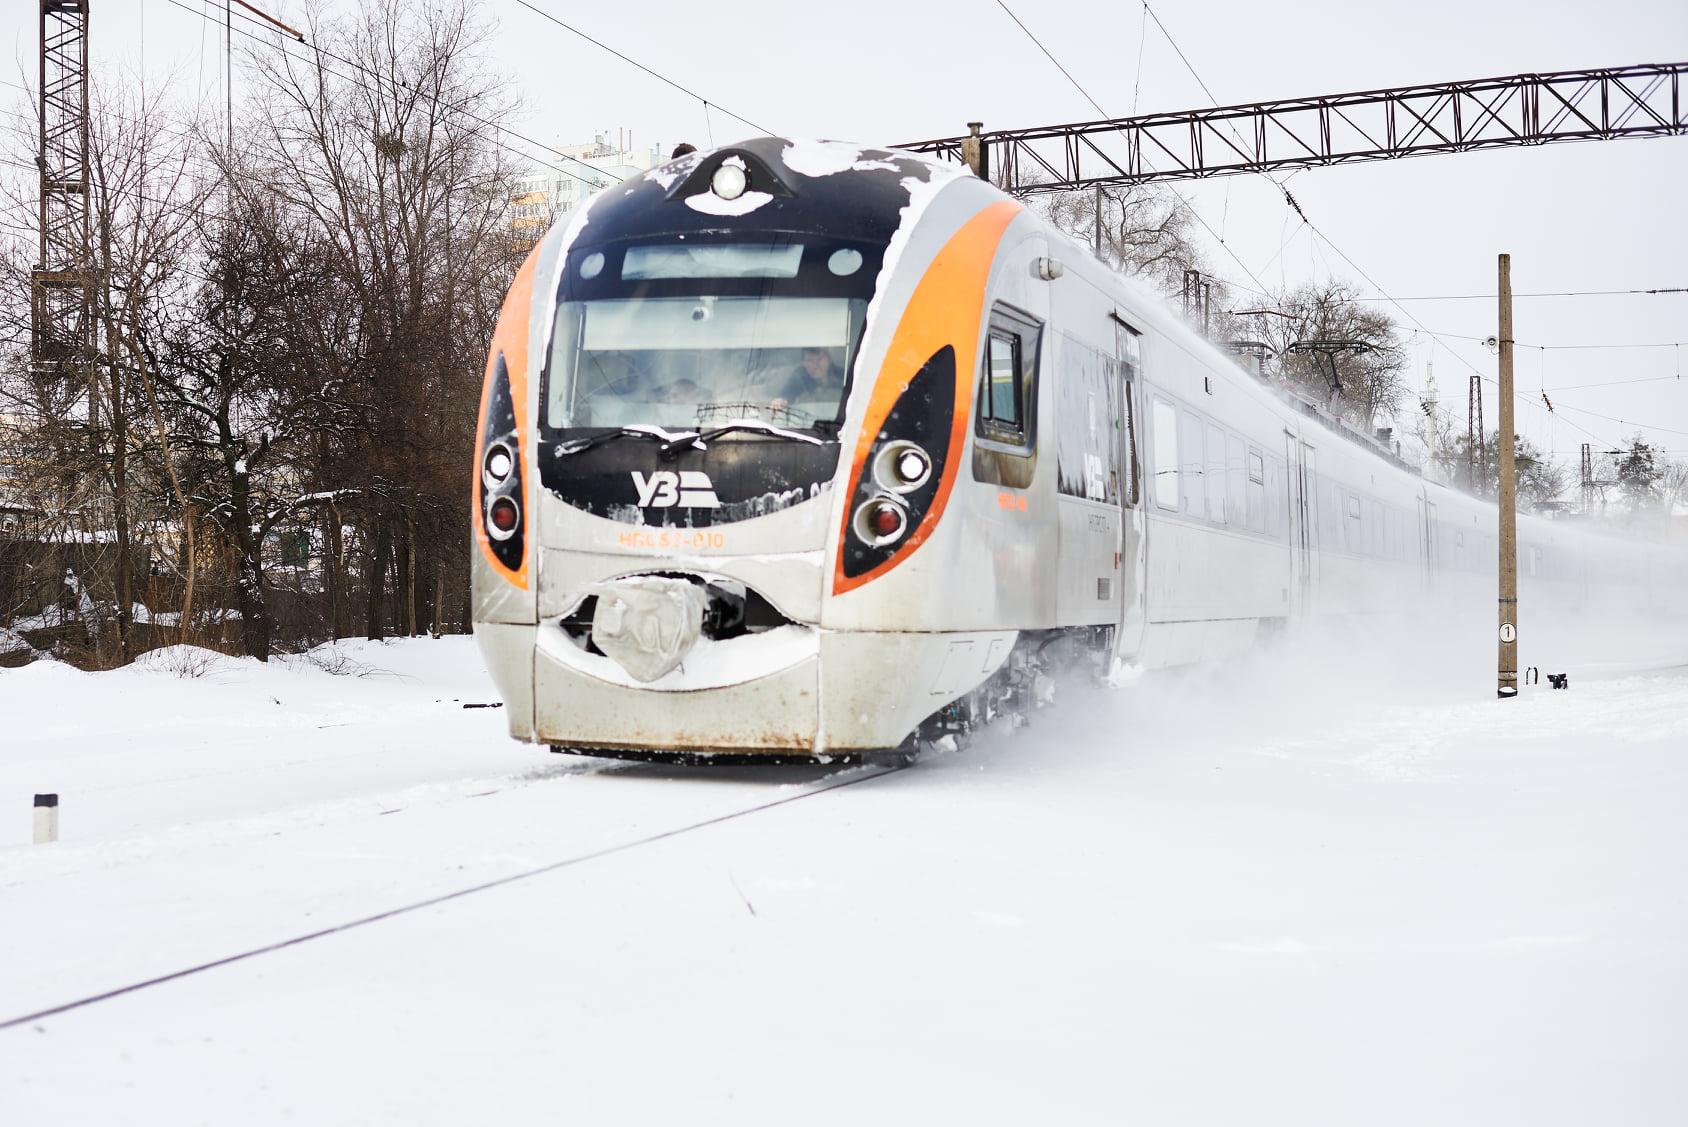 Укрзалізниця впроваджує Wi-Fi у поїздах - Укрзалізниця, інтернет, Wi-Fi - 150698636 4032083236825434 7689392197066671116 o